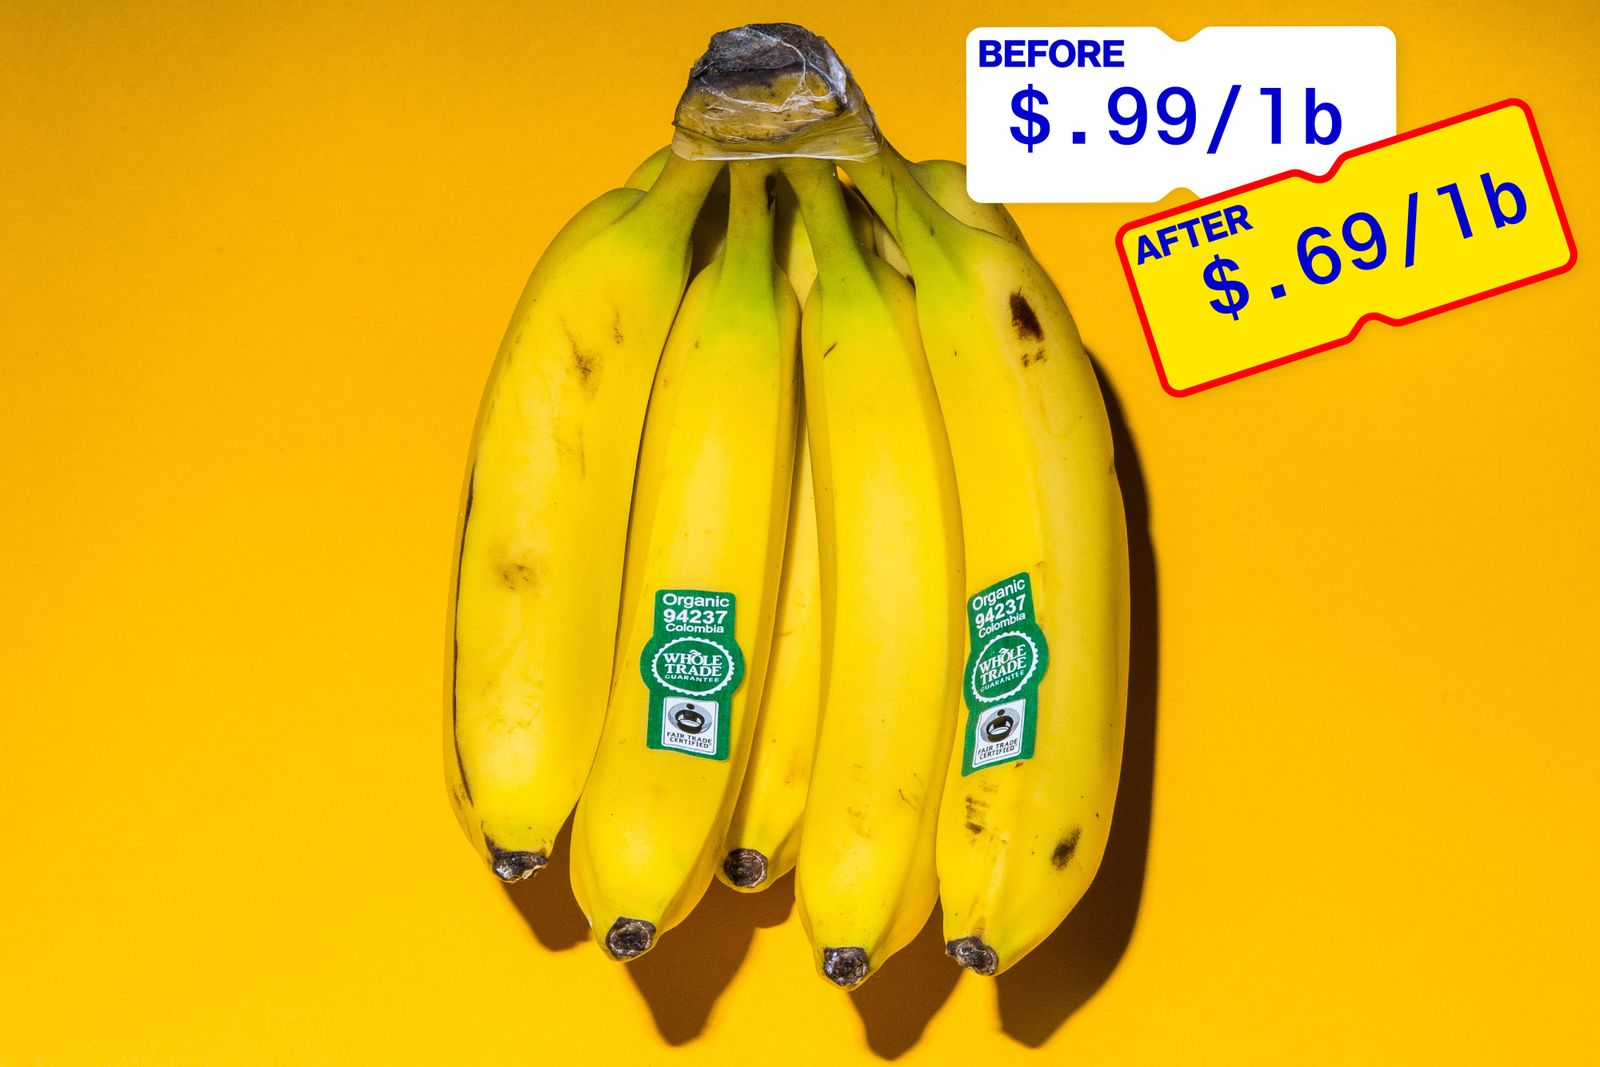 1503930284_web_wf-bananas